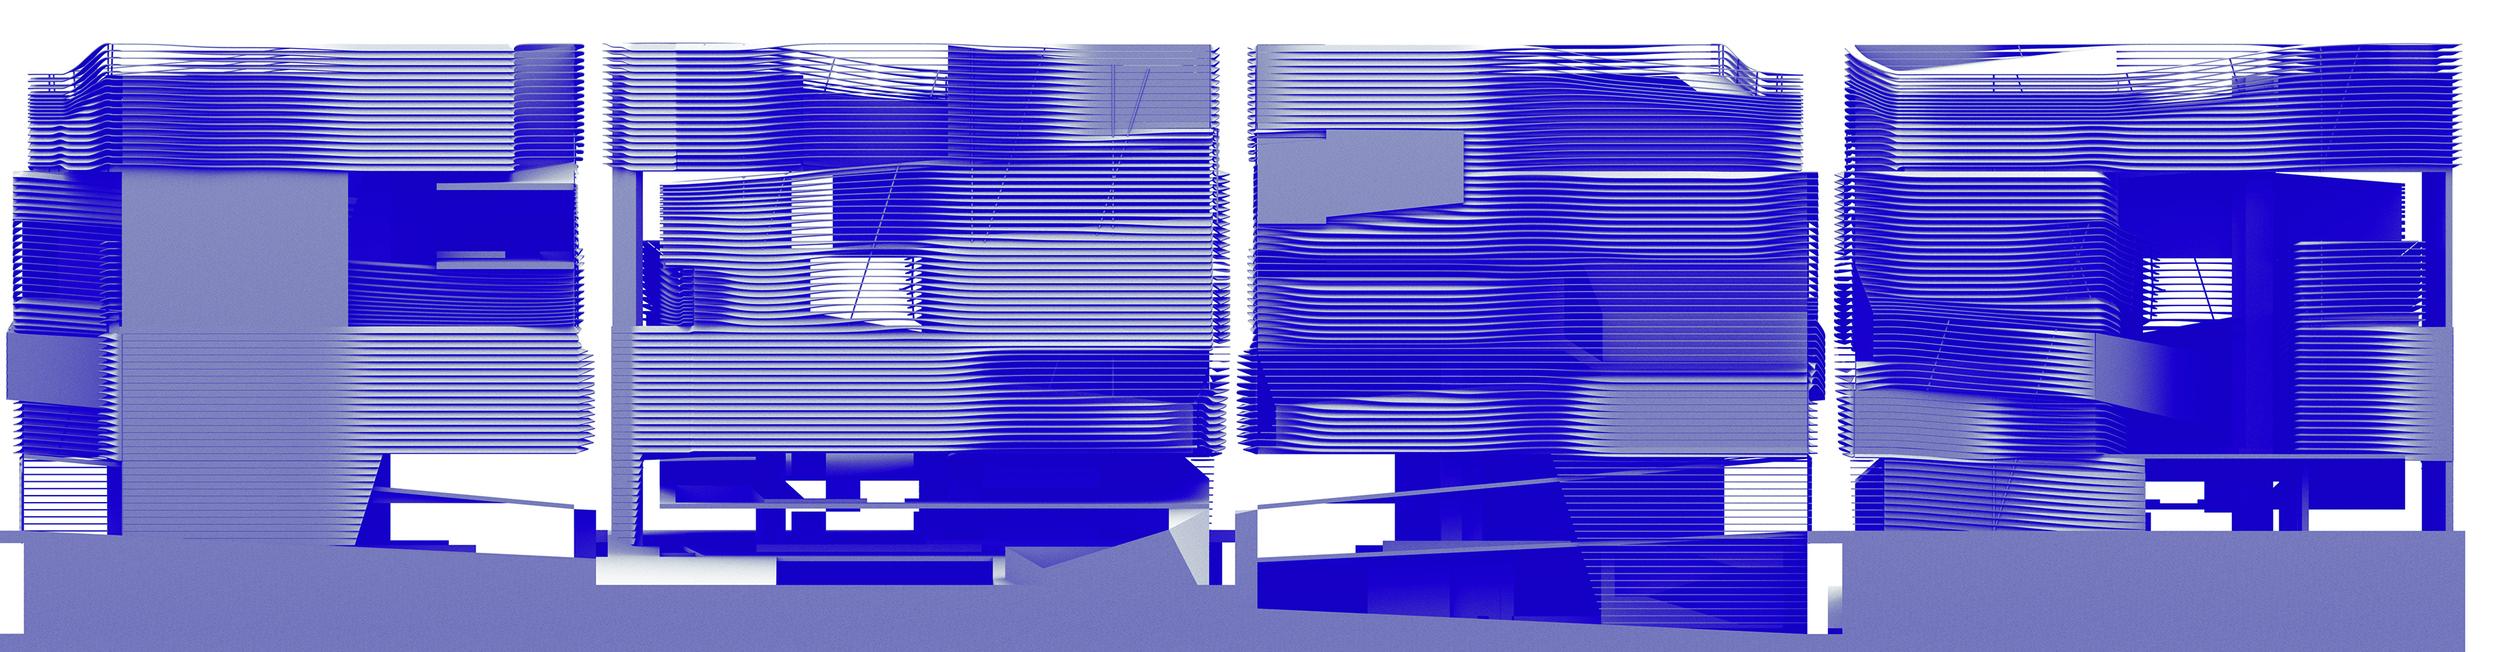 ELEVATION SET color 2.jpg